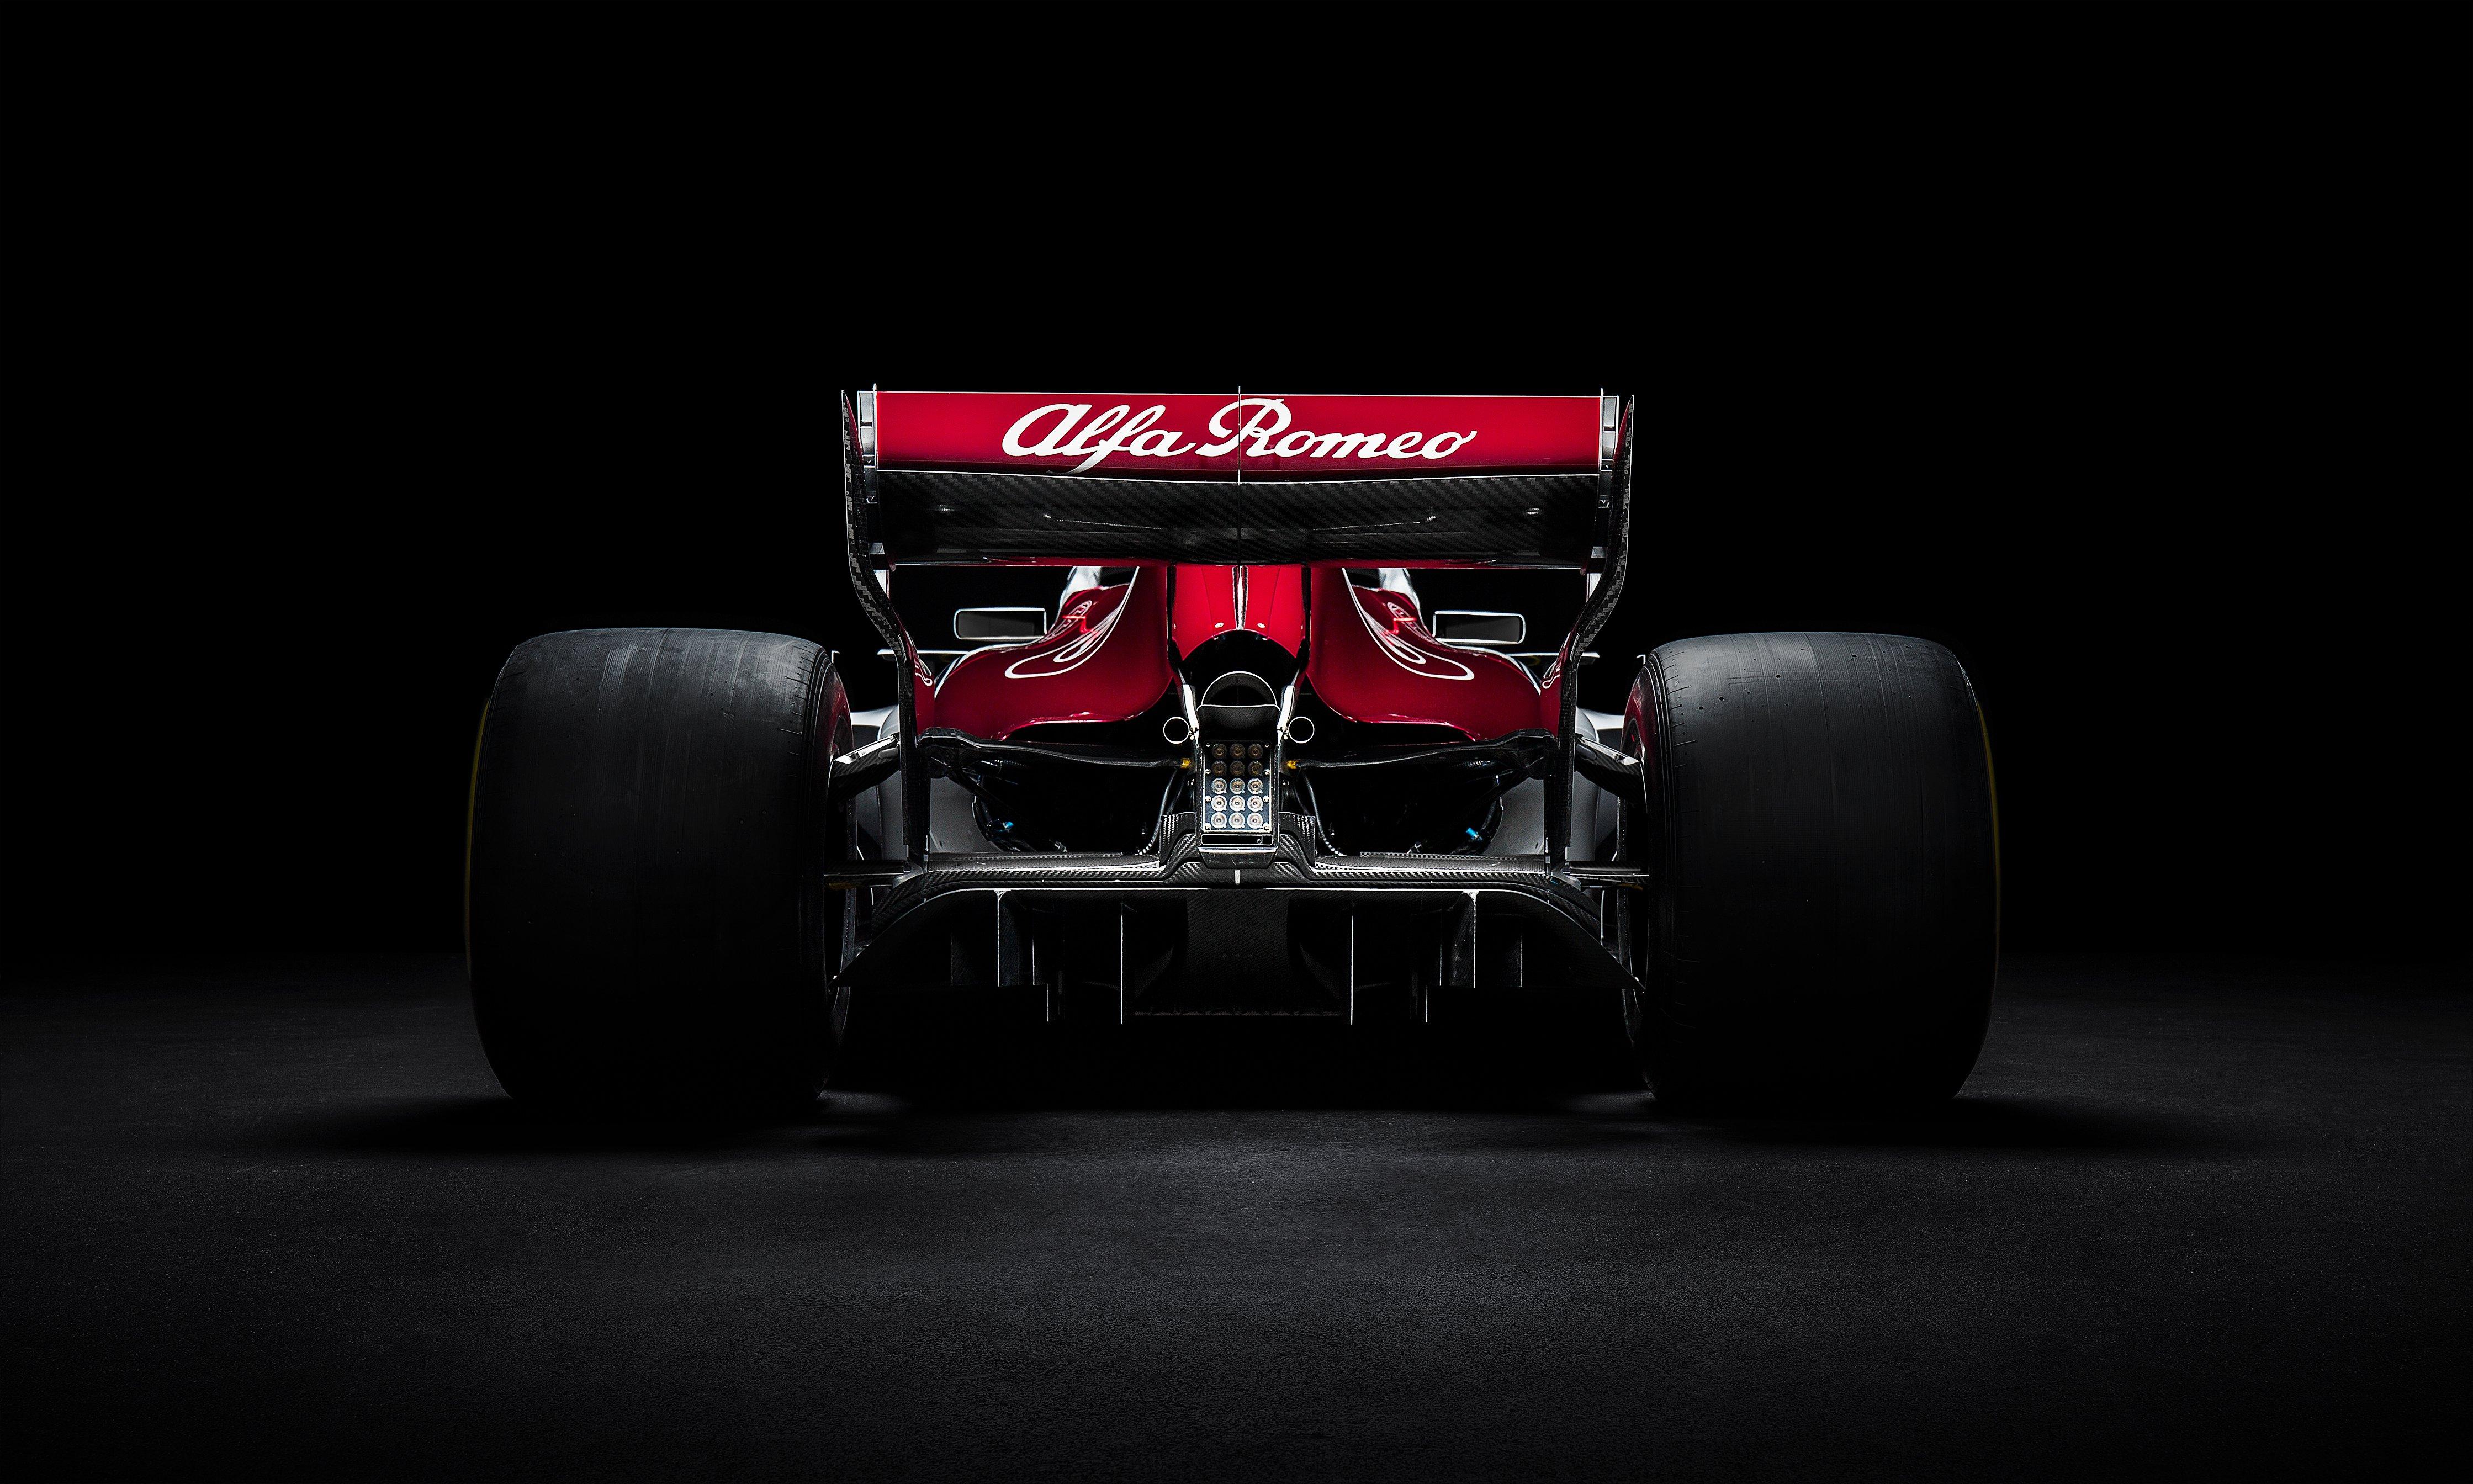 F1 ferrari 2018 wallpaper hd 10